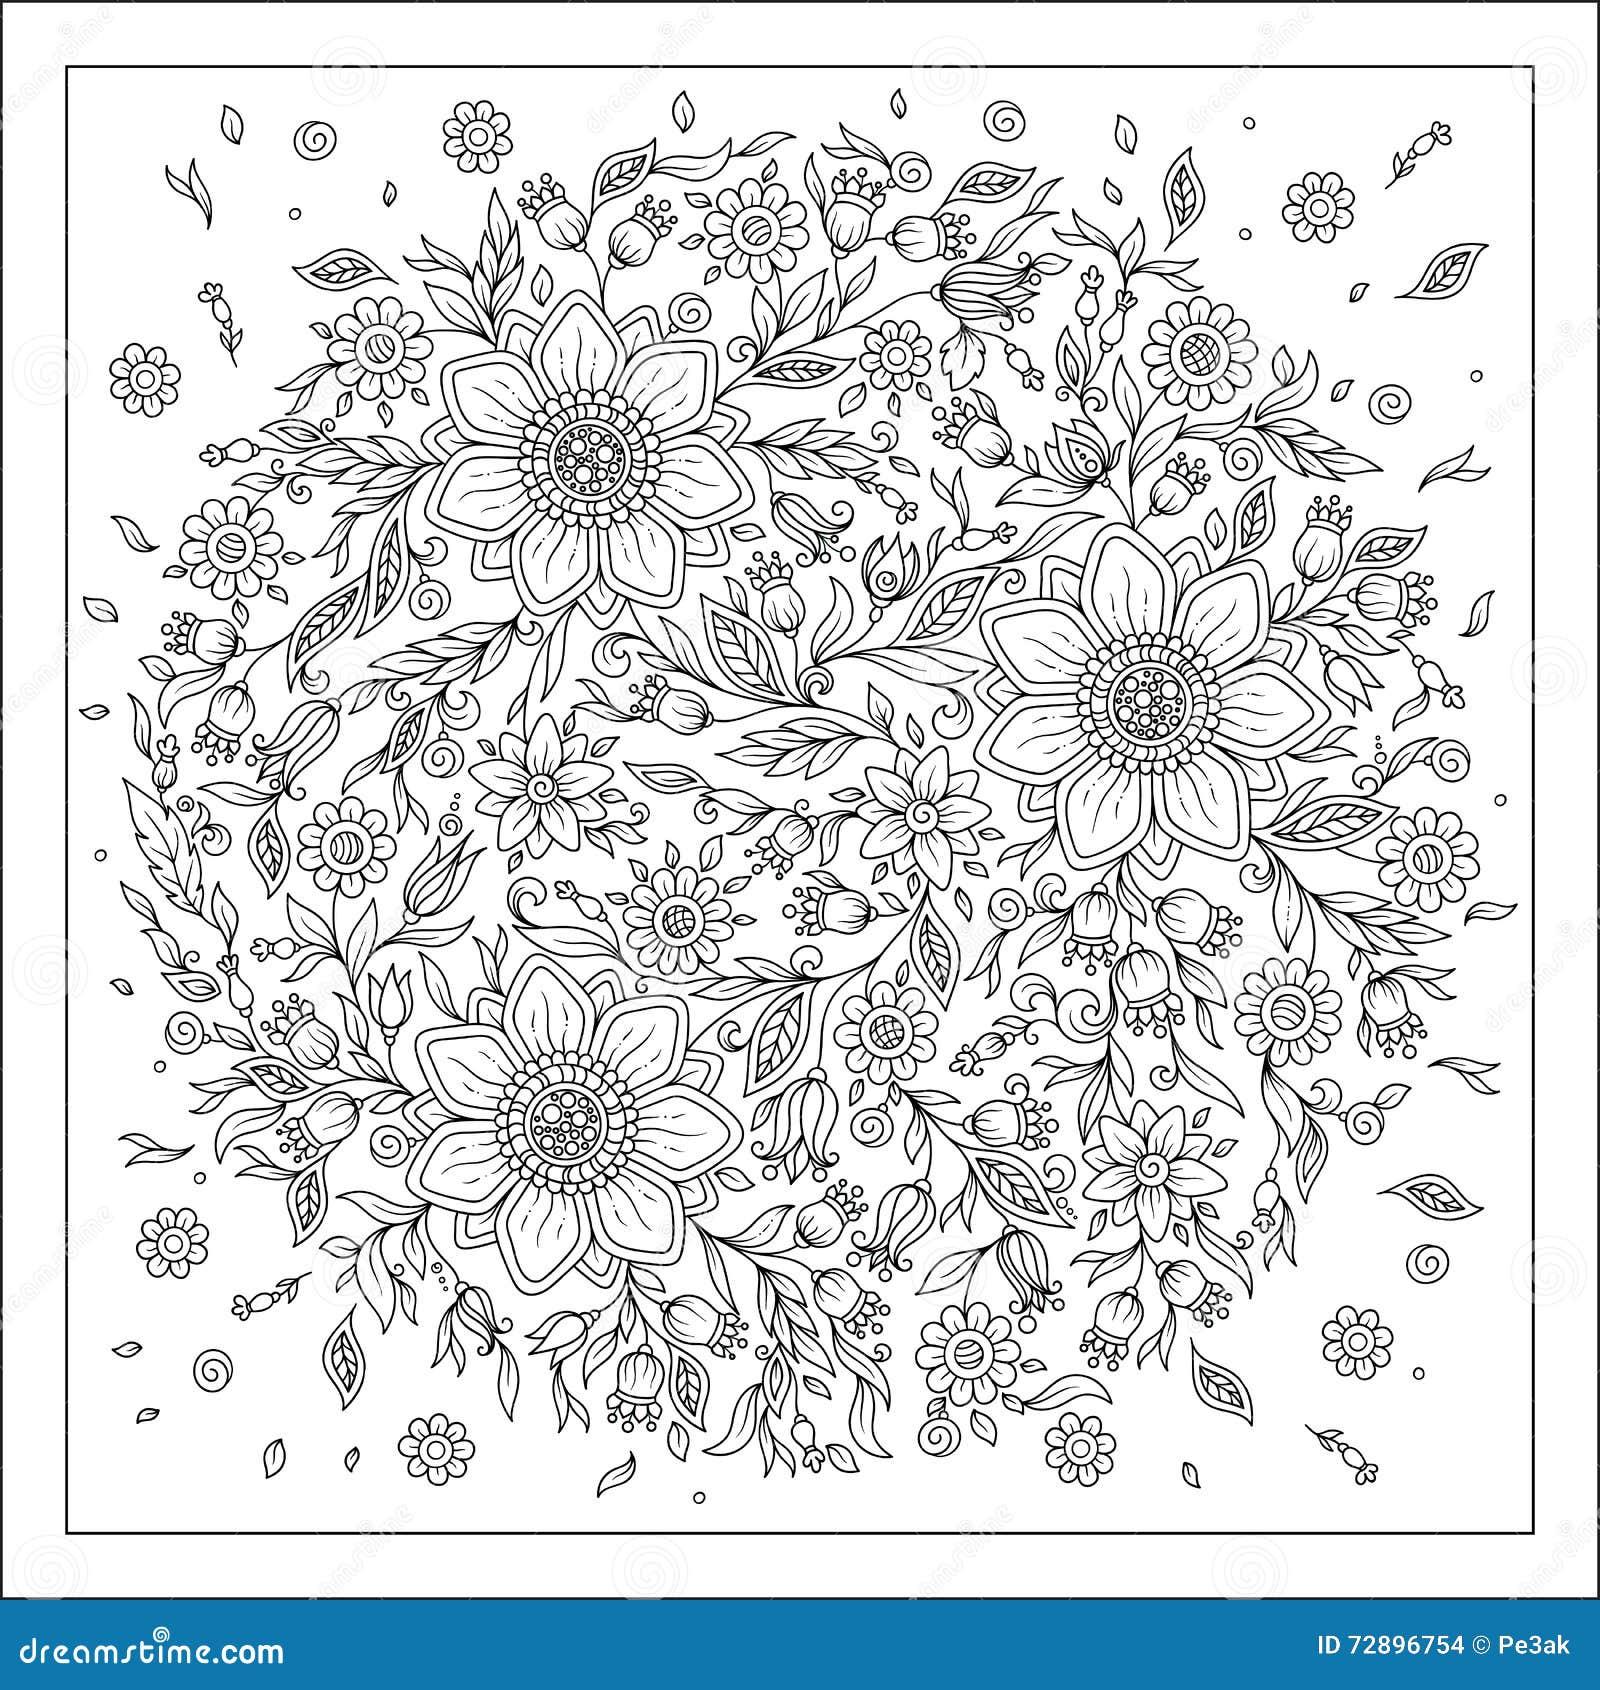 Coloriage Adulte Foret.Fleurs De Foret Pages De Livre De Coloriage De Vecteur Illustration